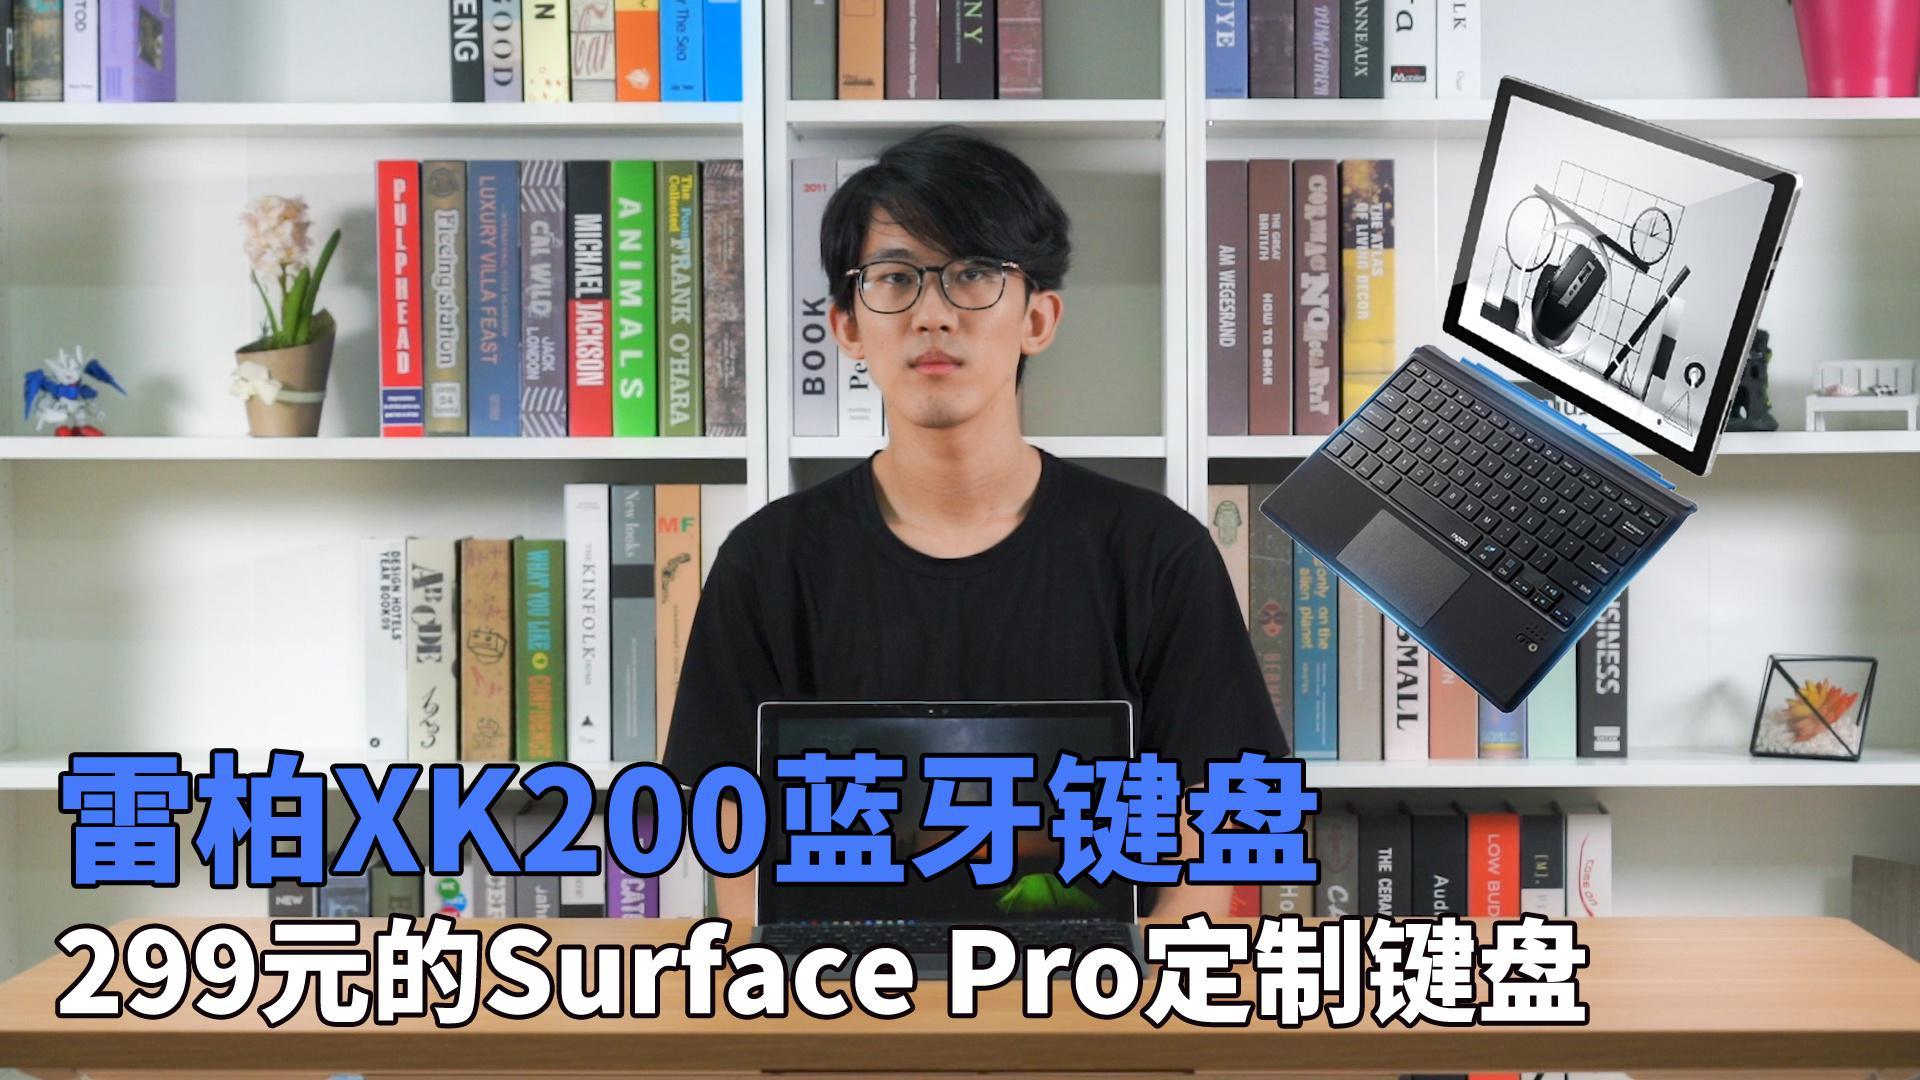 299元的Surface Pro定制键盘 雷柏XK200蓝牙键盘